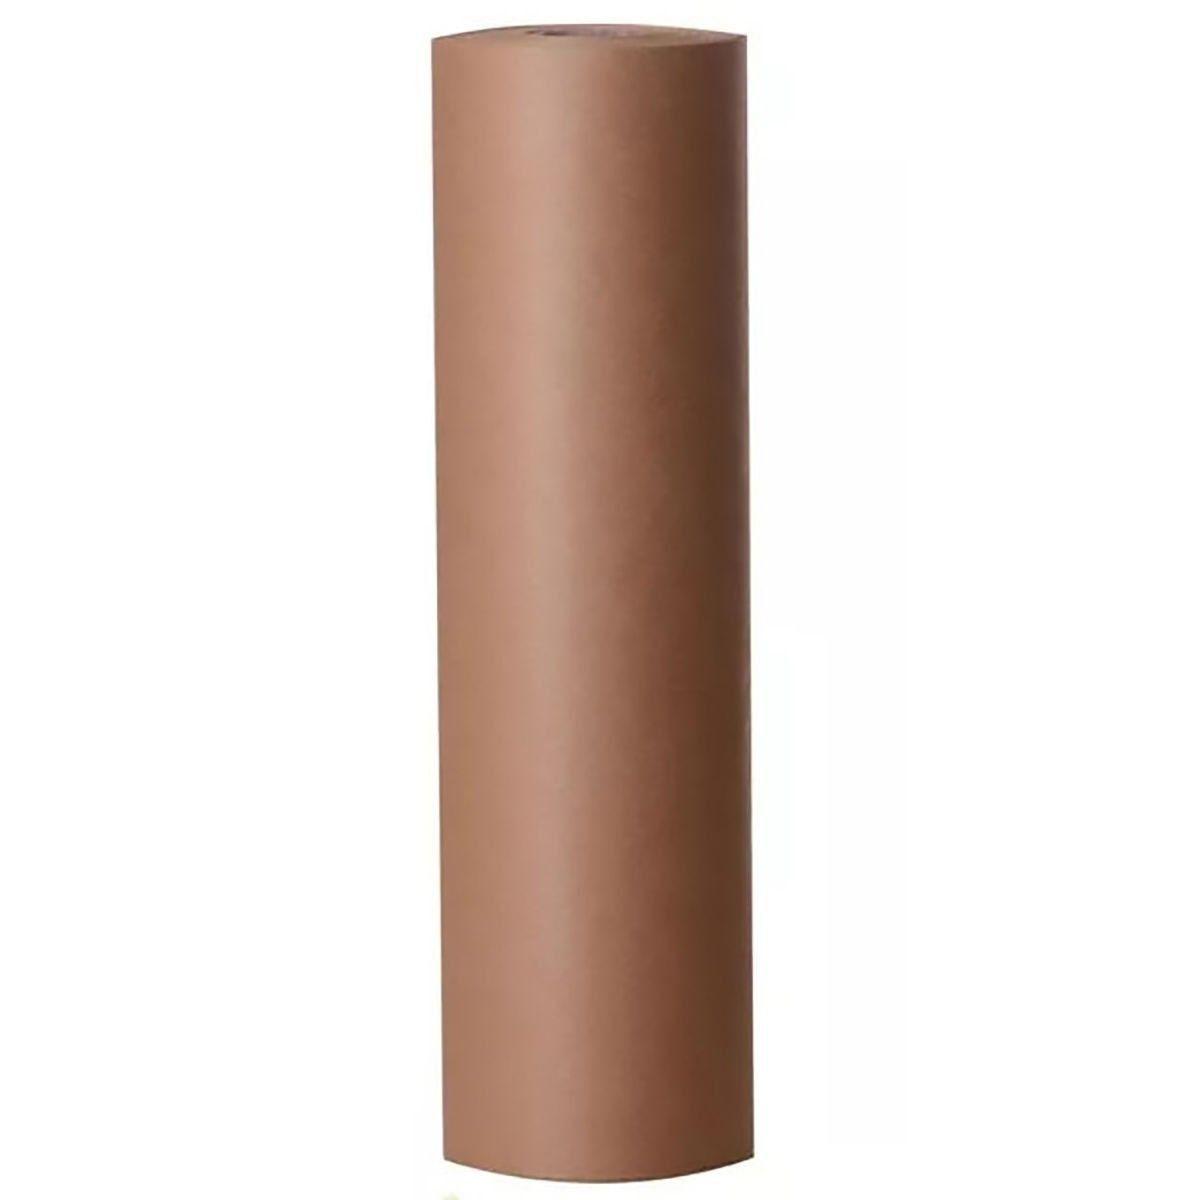 Bobina de Papel Kraft Pardo Puro 100% Celulose Monolúcido 80g 60cm x 130m